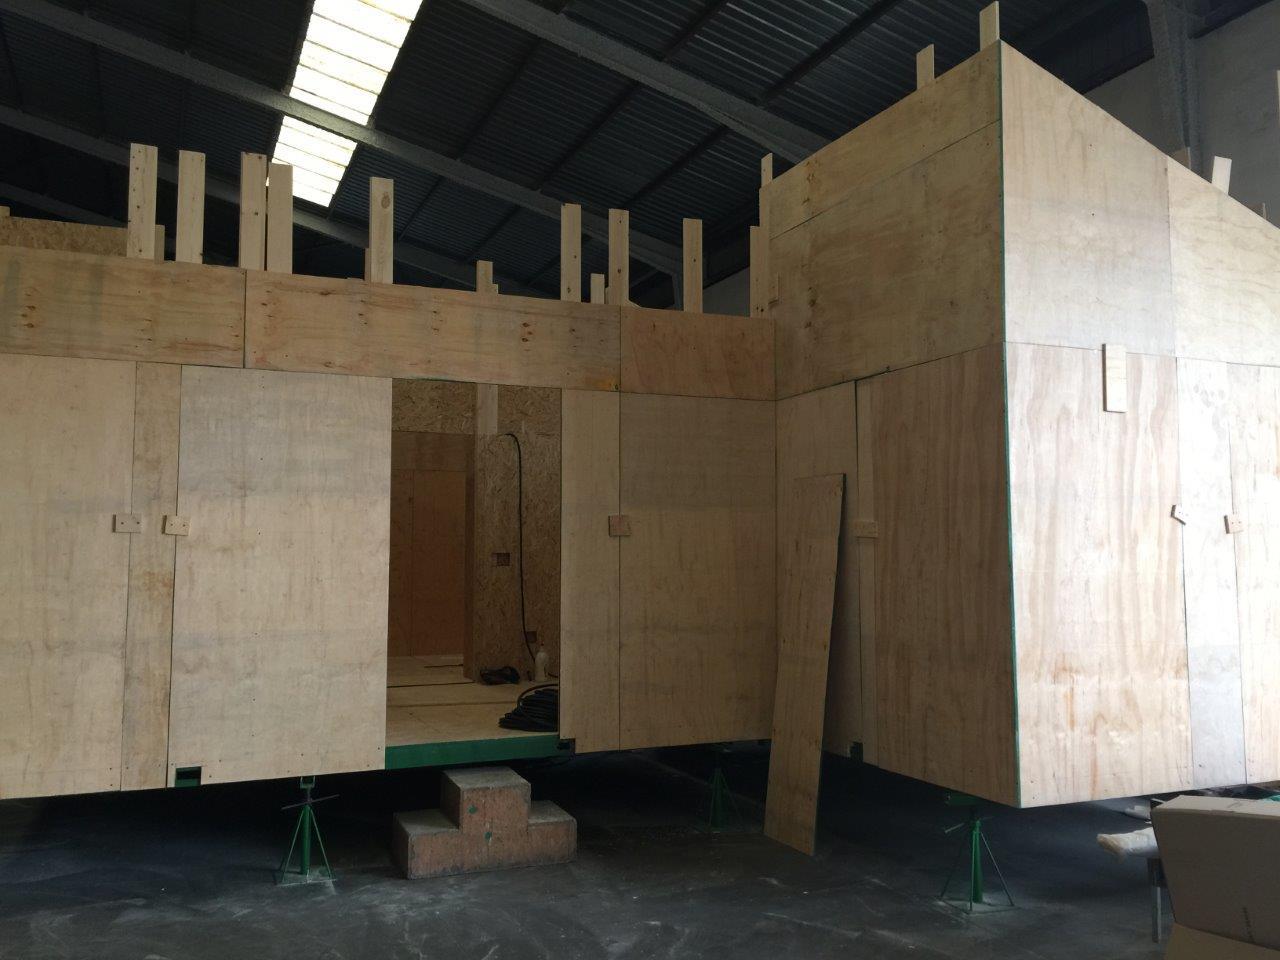 Construyendo casas de madera en nuestra f brica - Fabrica de casas de madera ...